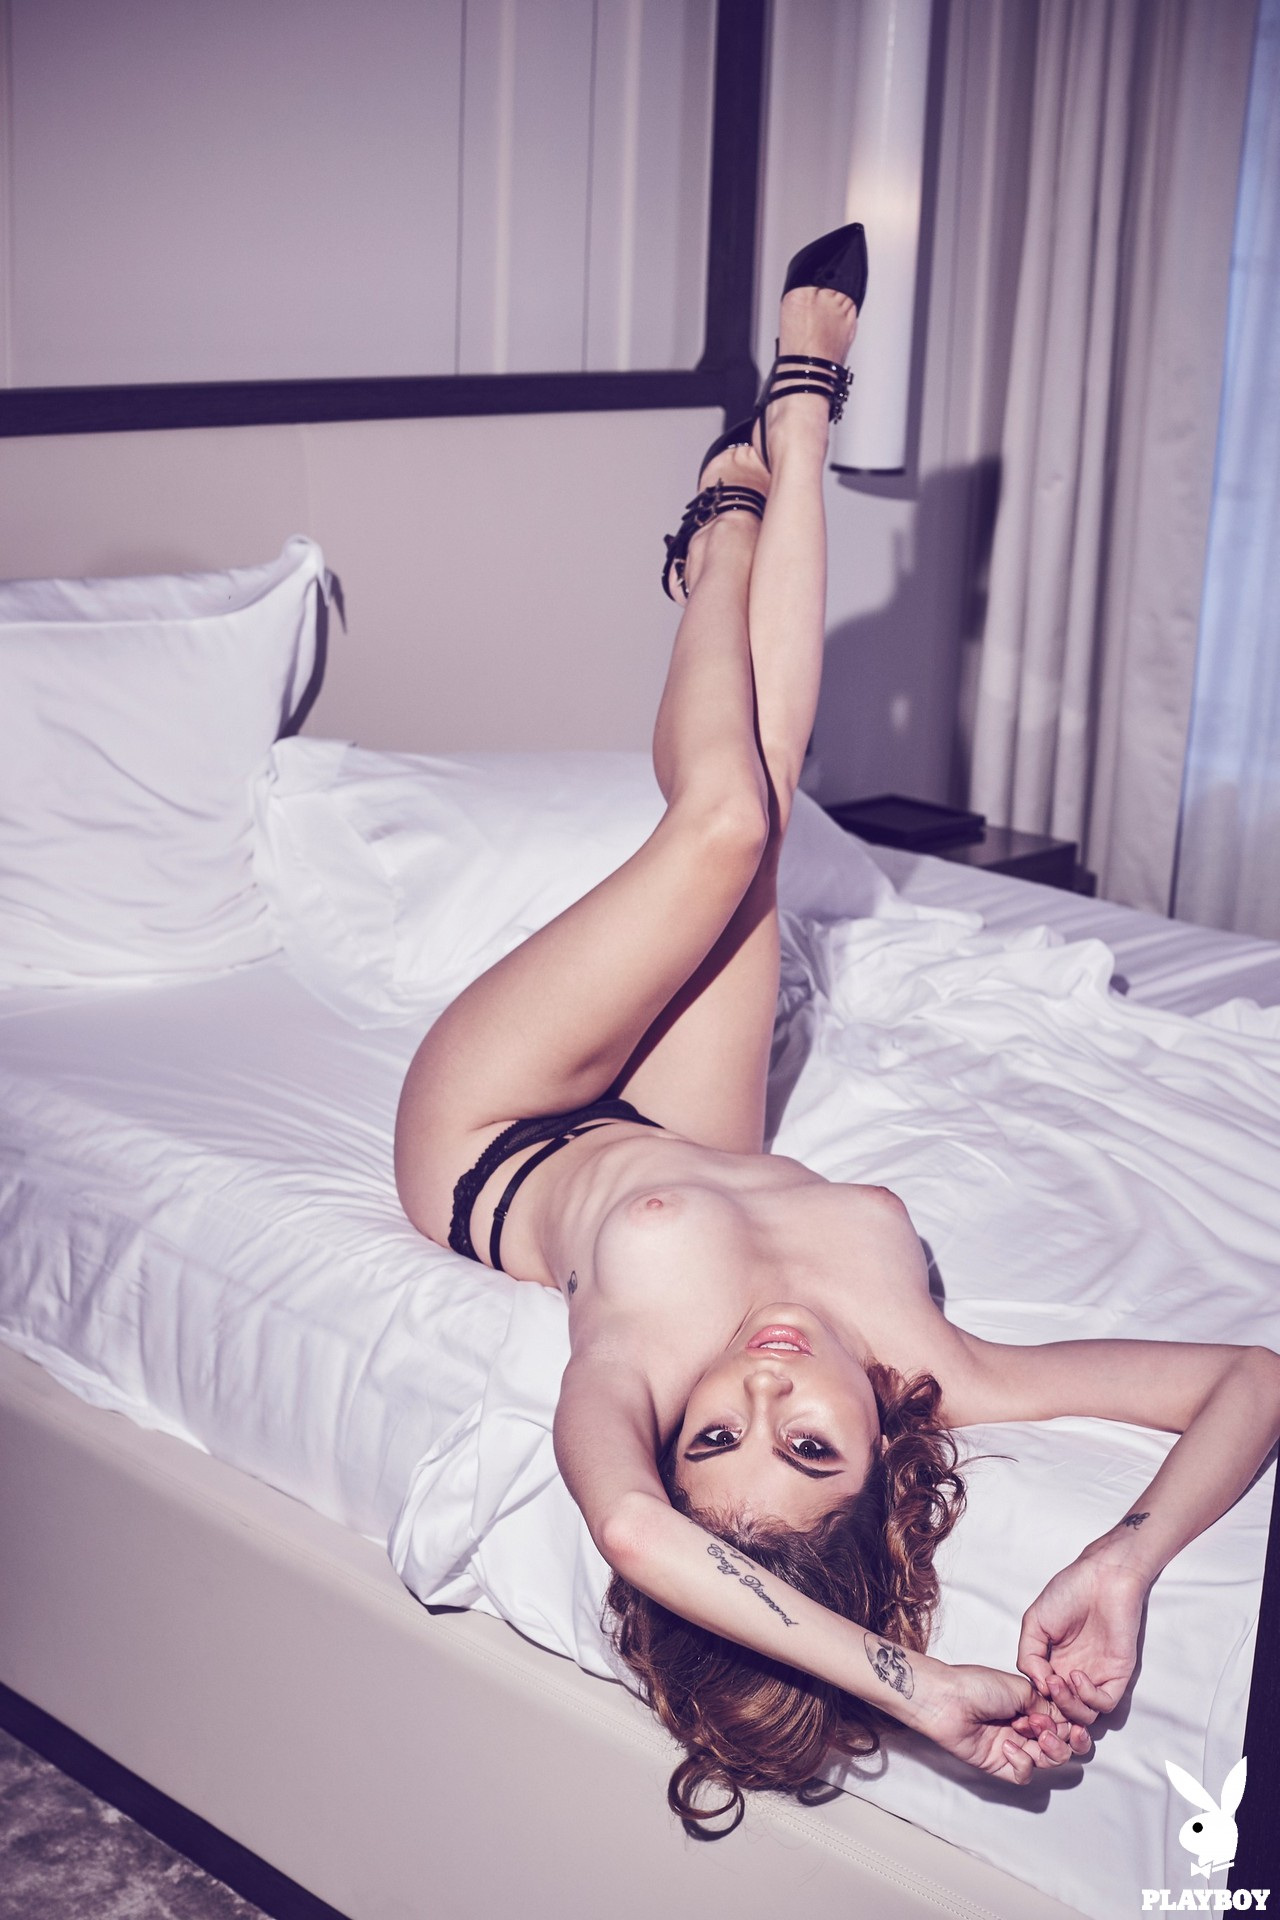 Chiara Arrighi in Playboy Germany Vol. 3 - Playboy Plus 13